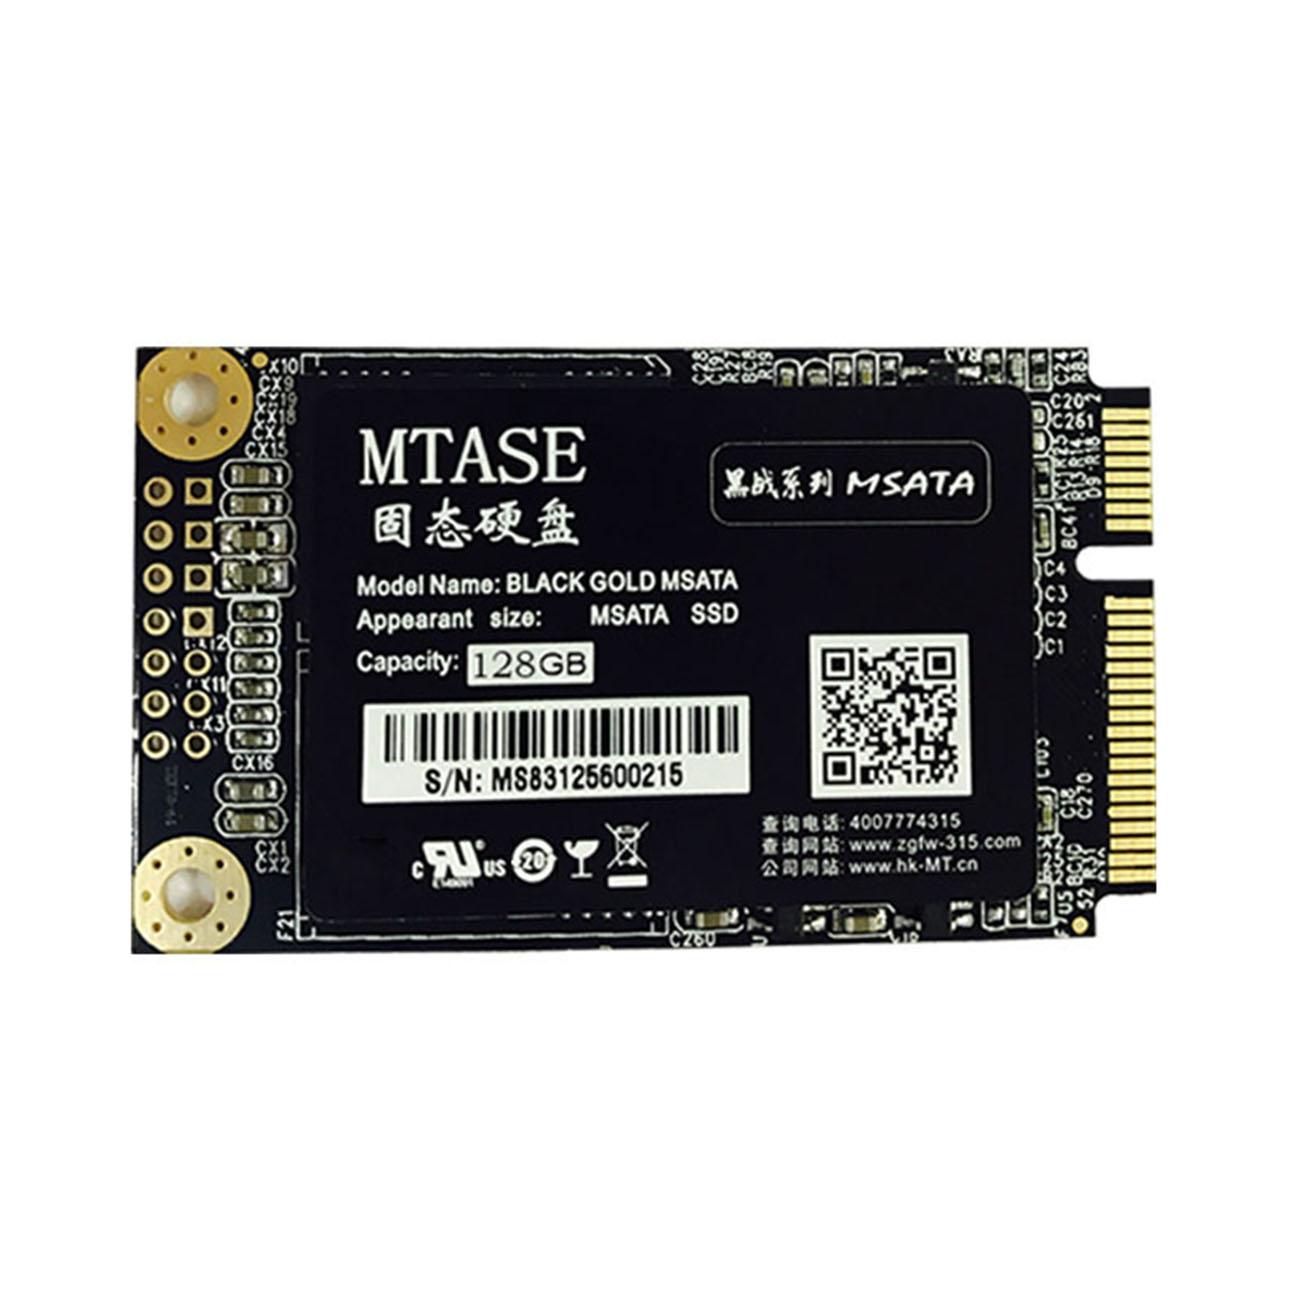 魅光黑战 MSATA硬盘128G